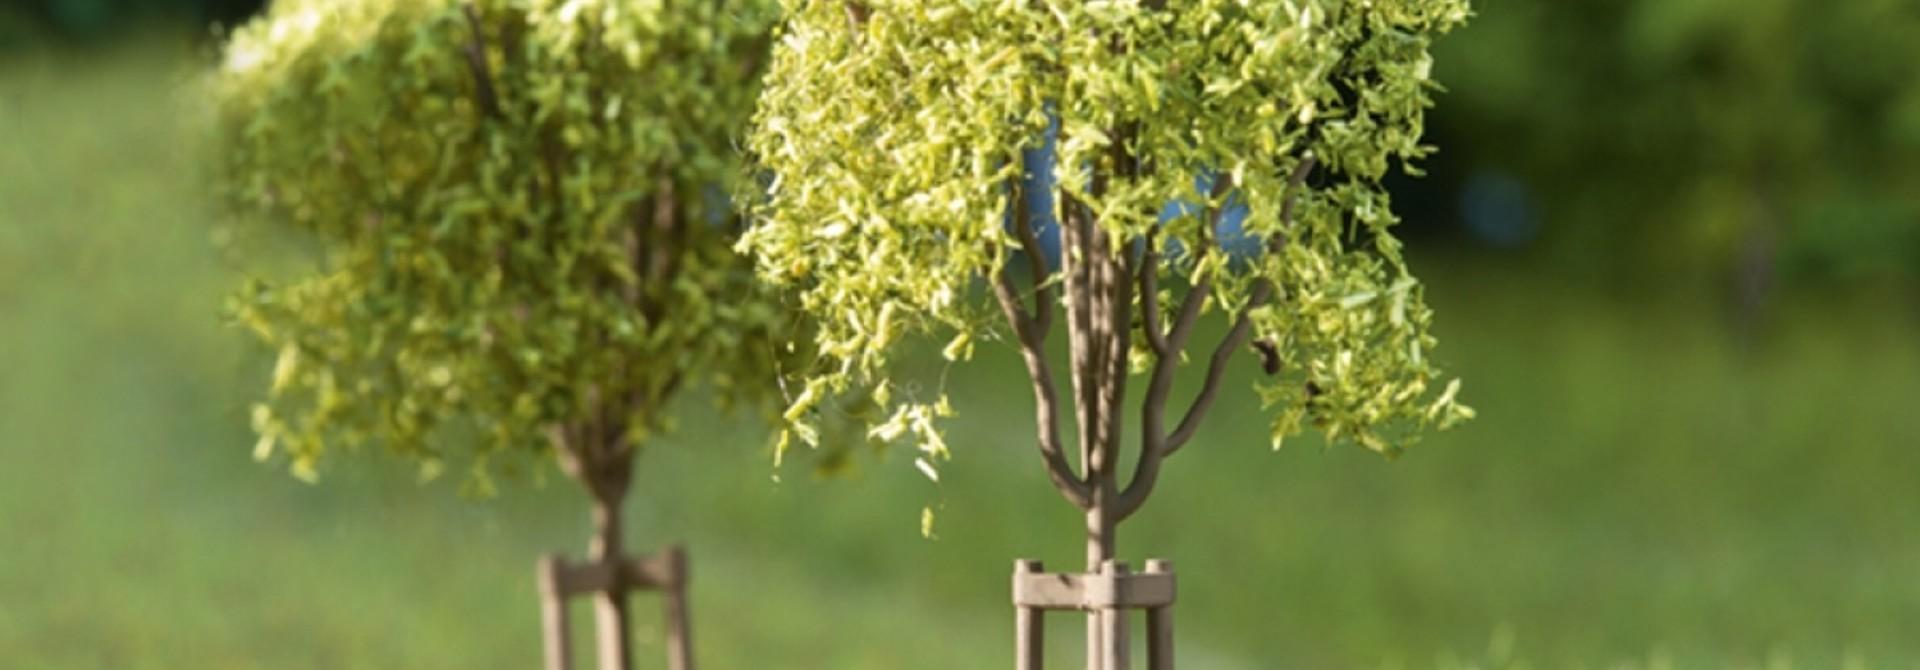 70950 Junge Bäume